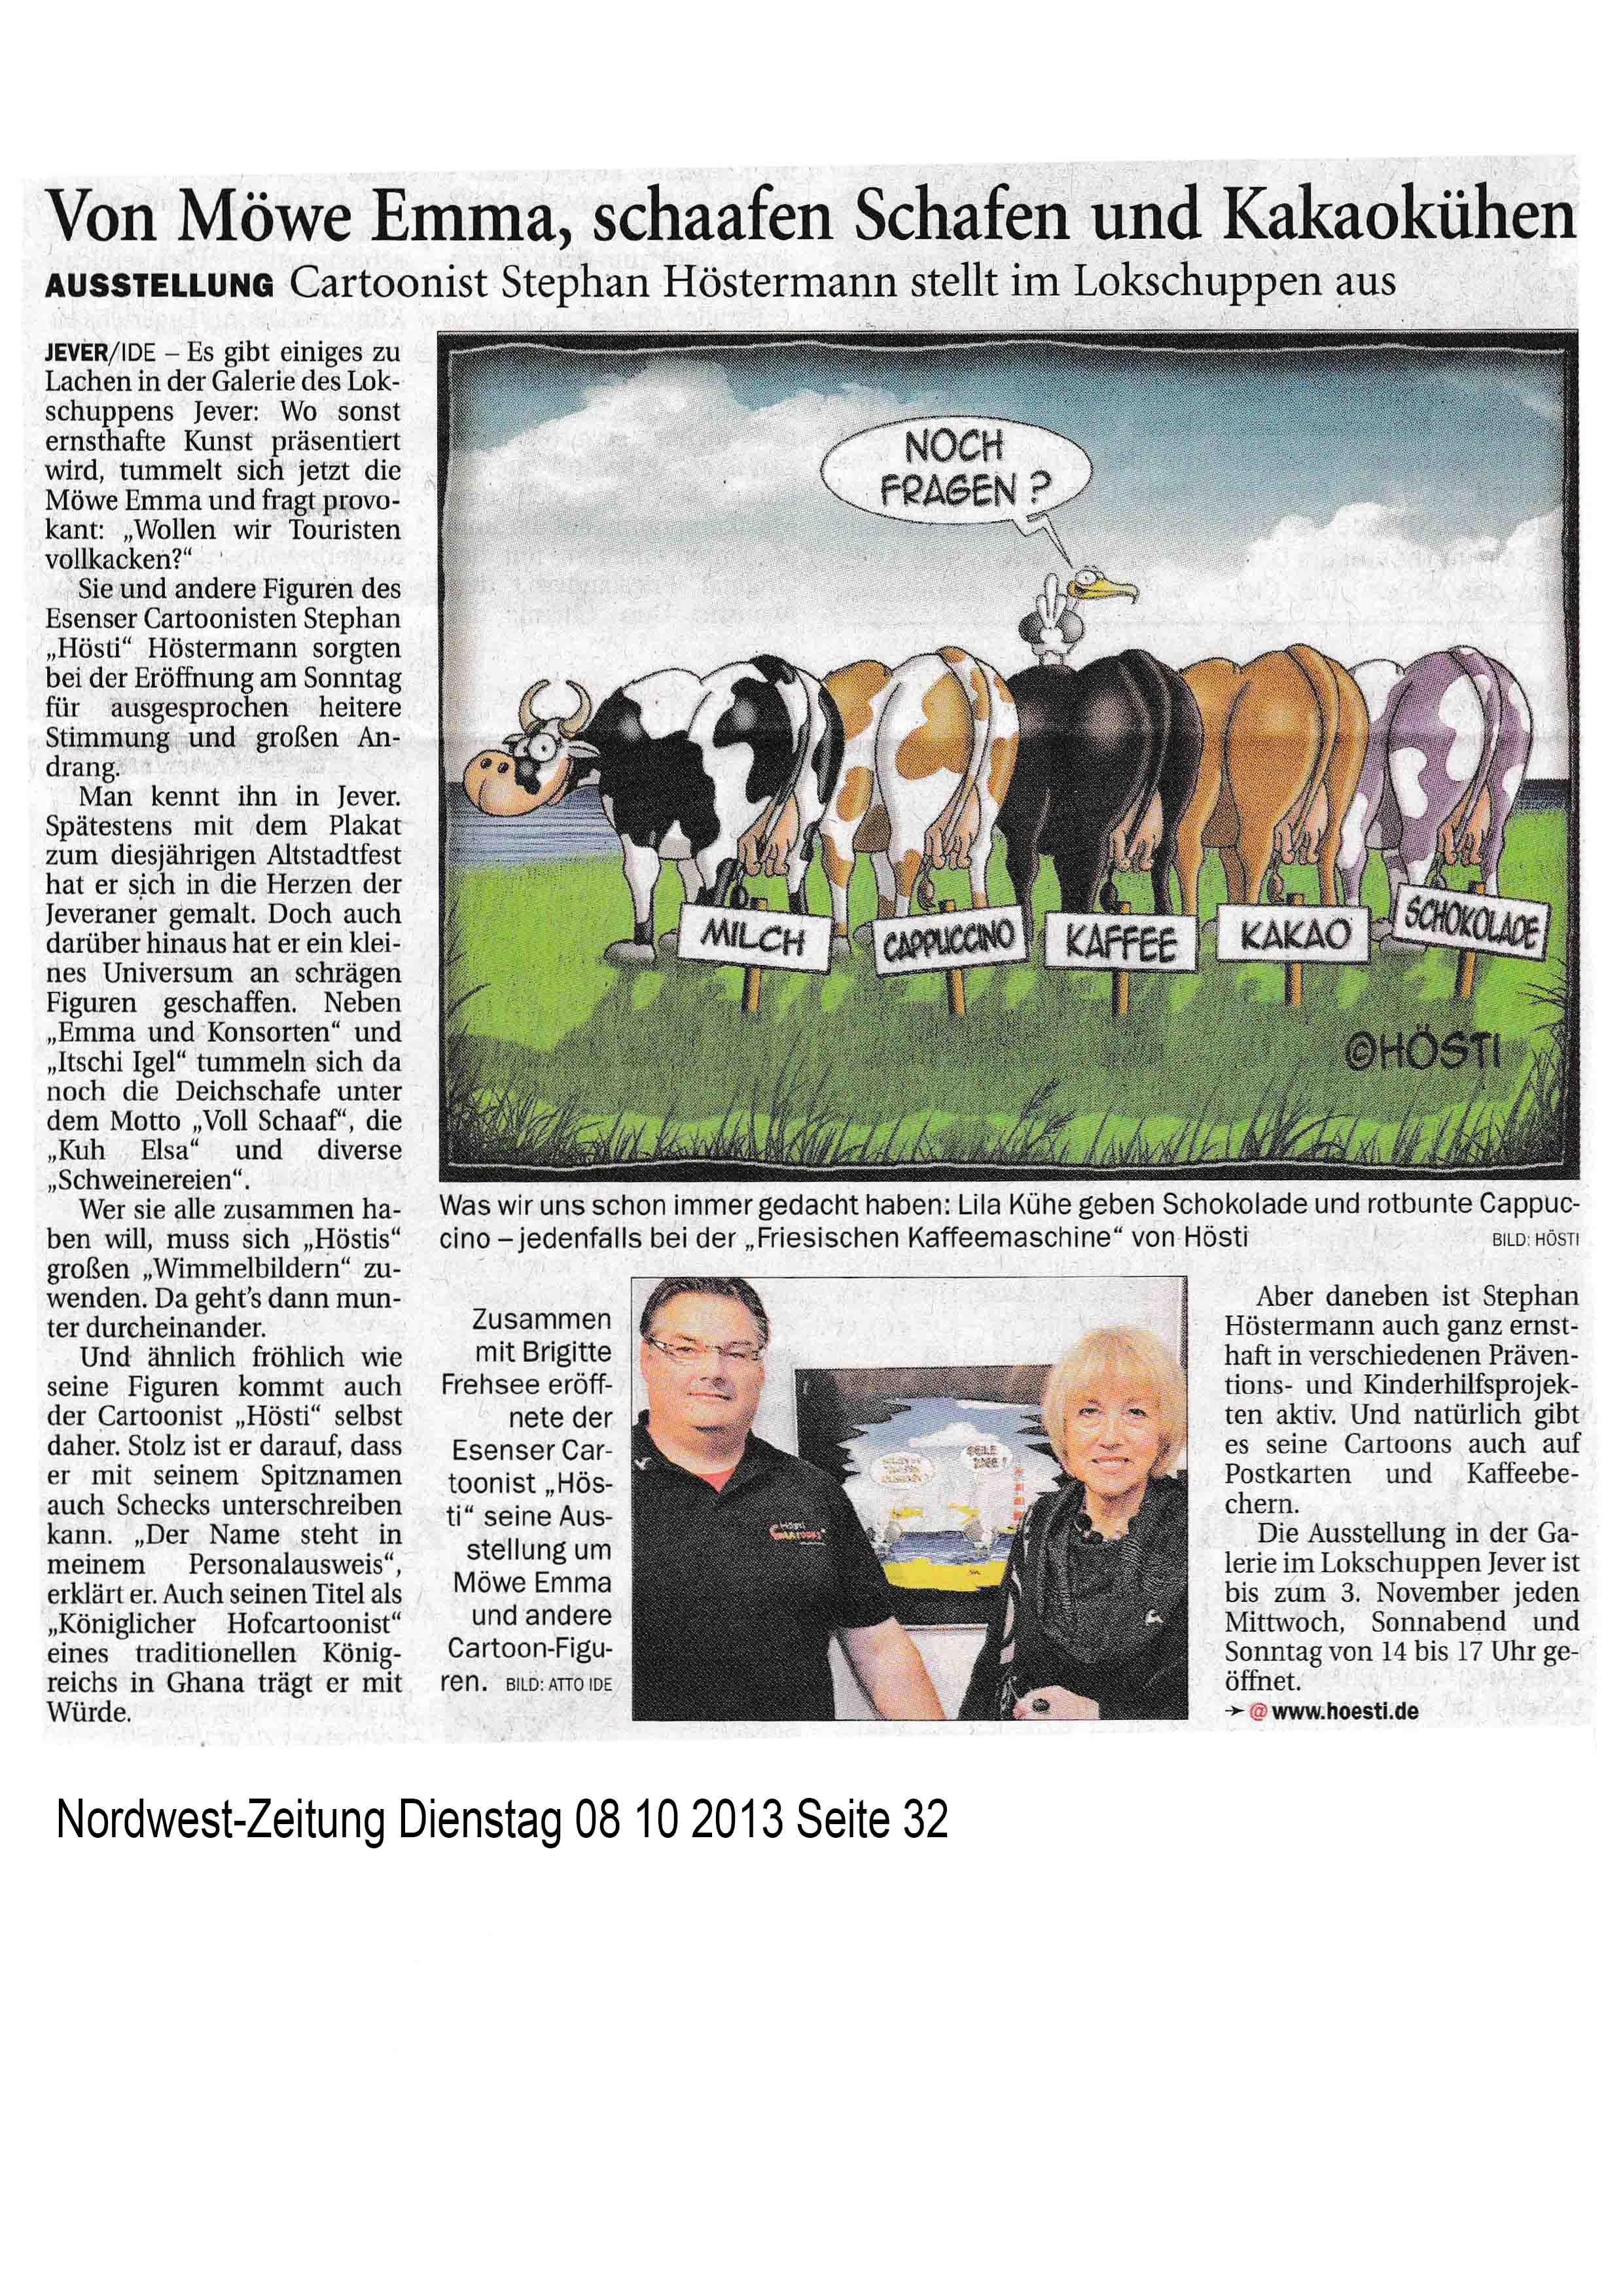 Nordwest-Zeitung Dienstag 08 10 2013 Seite 32